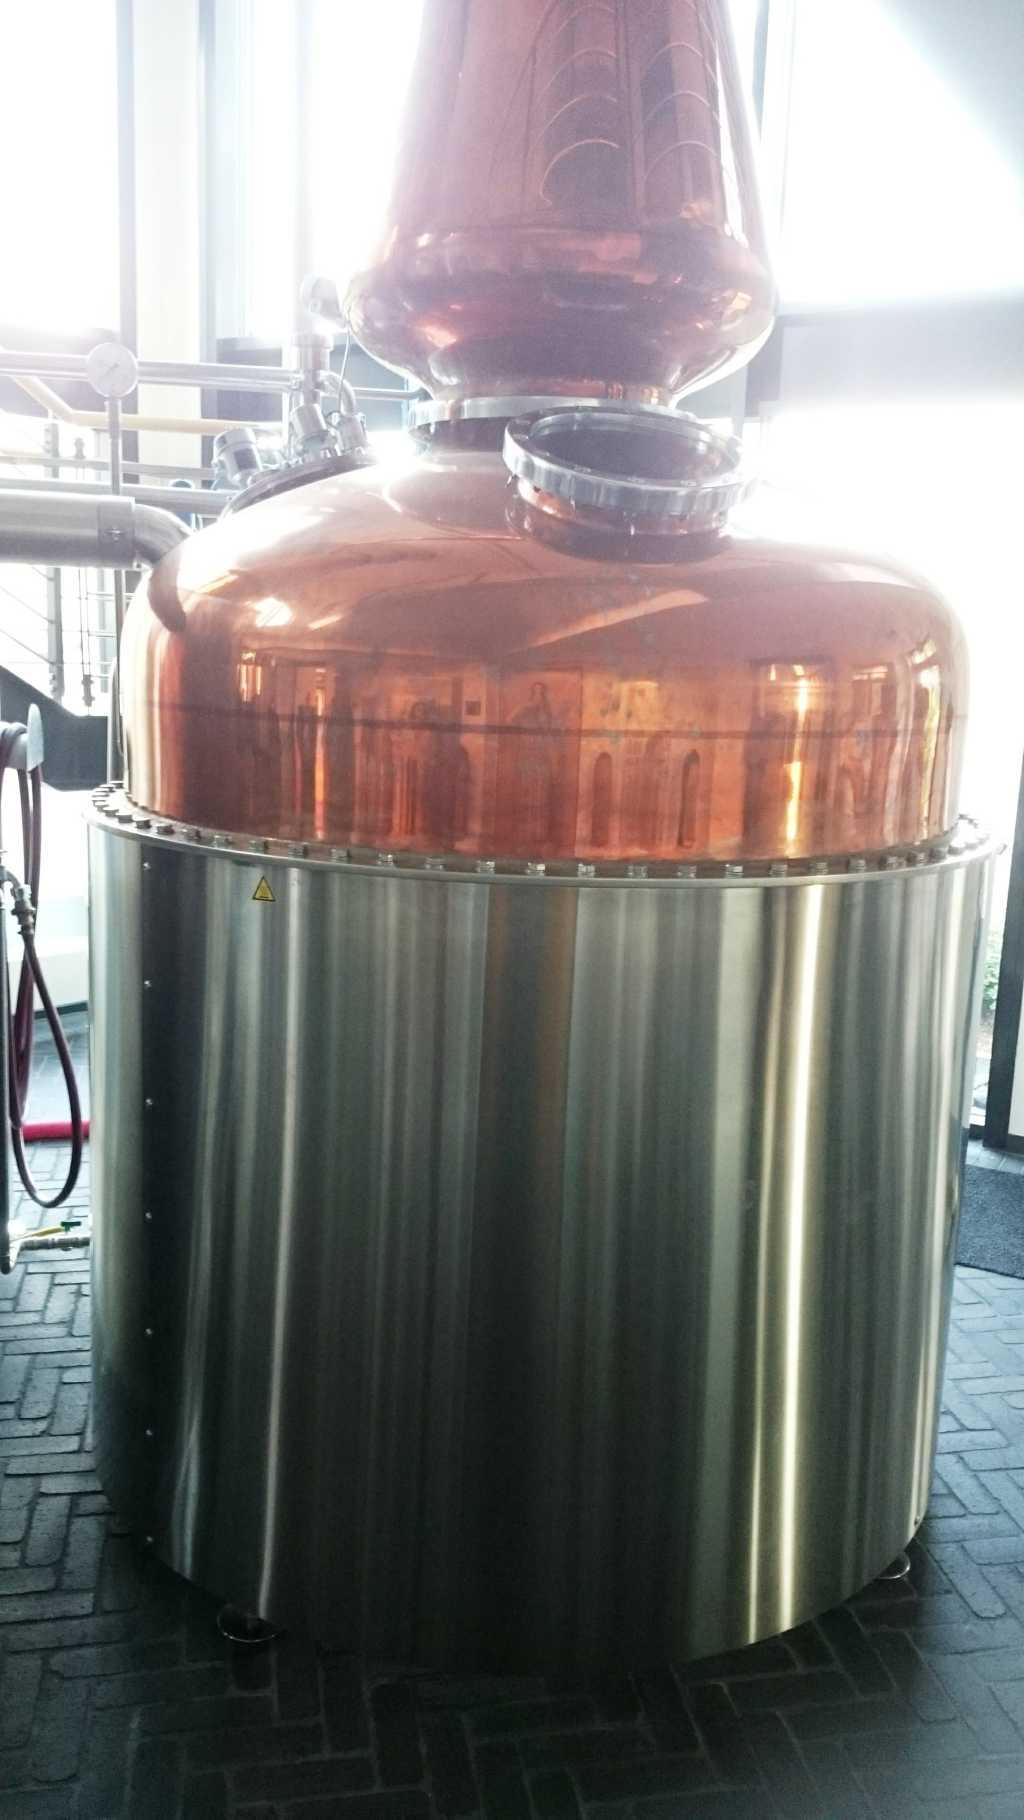 Neuheit 2015: 1.400 Liter-Destille, überwiegend für Whisky